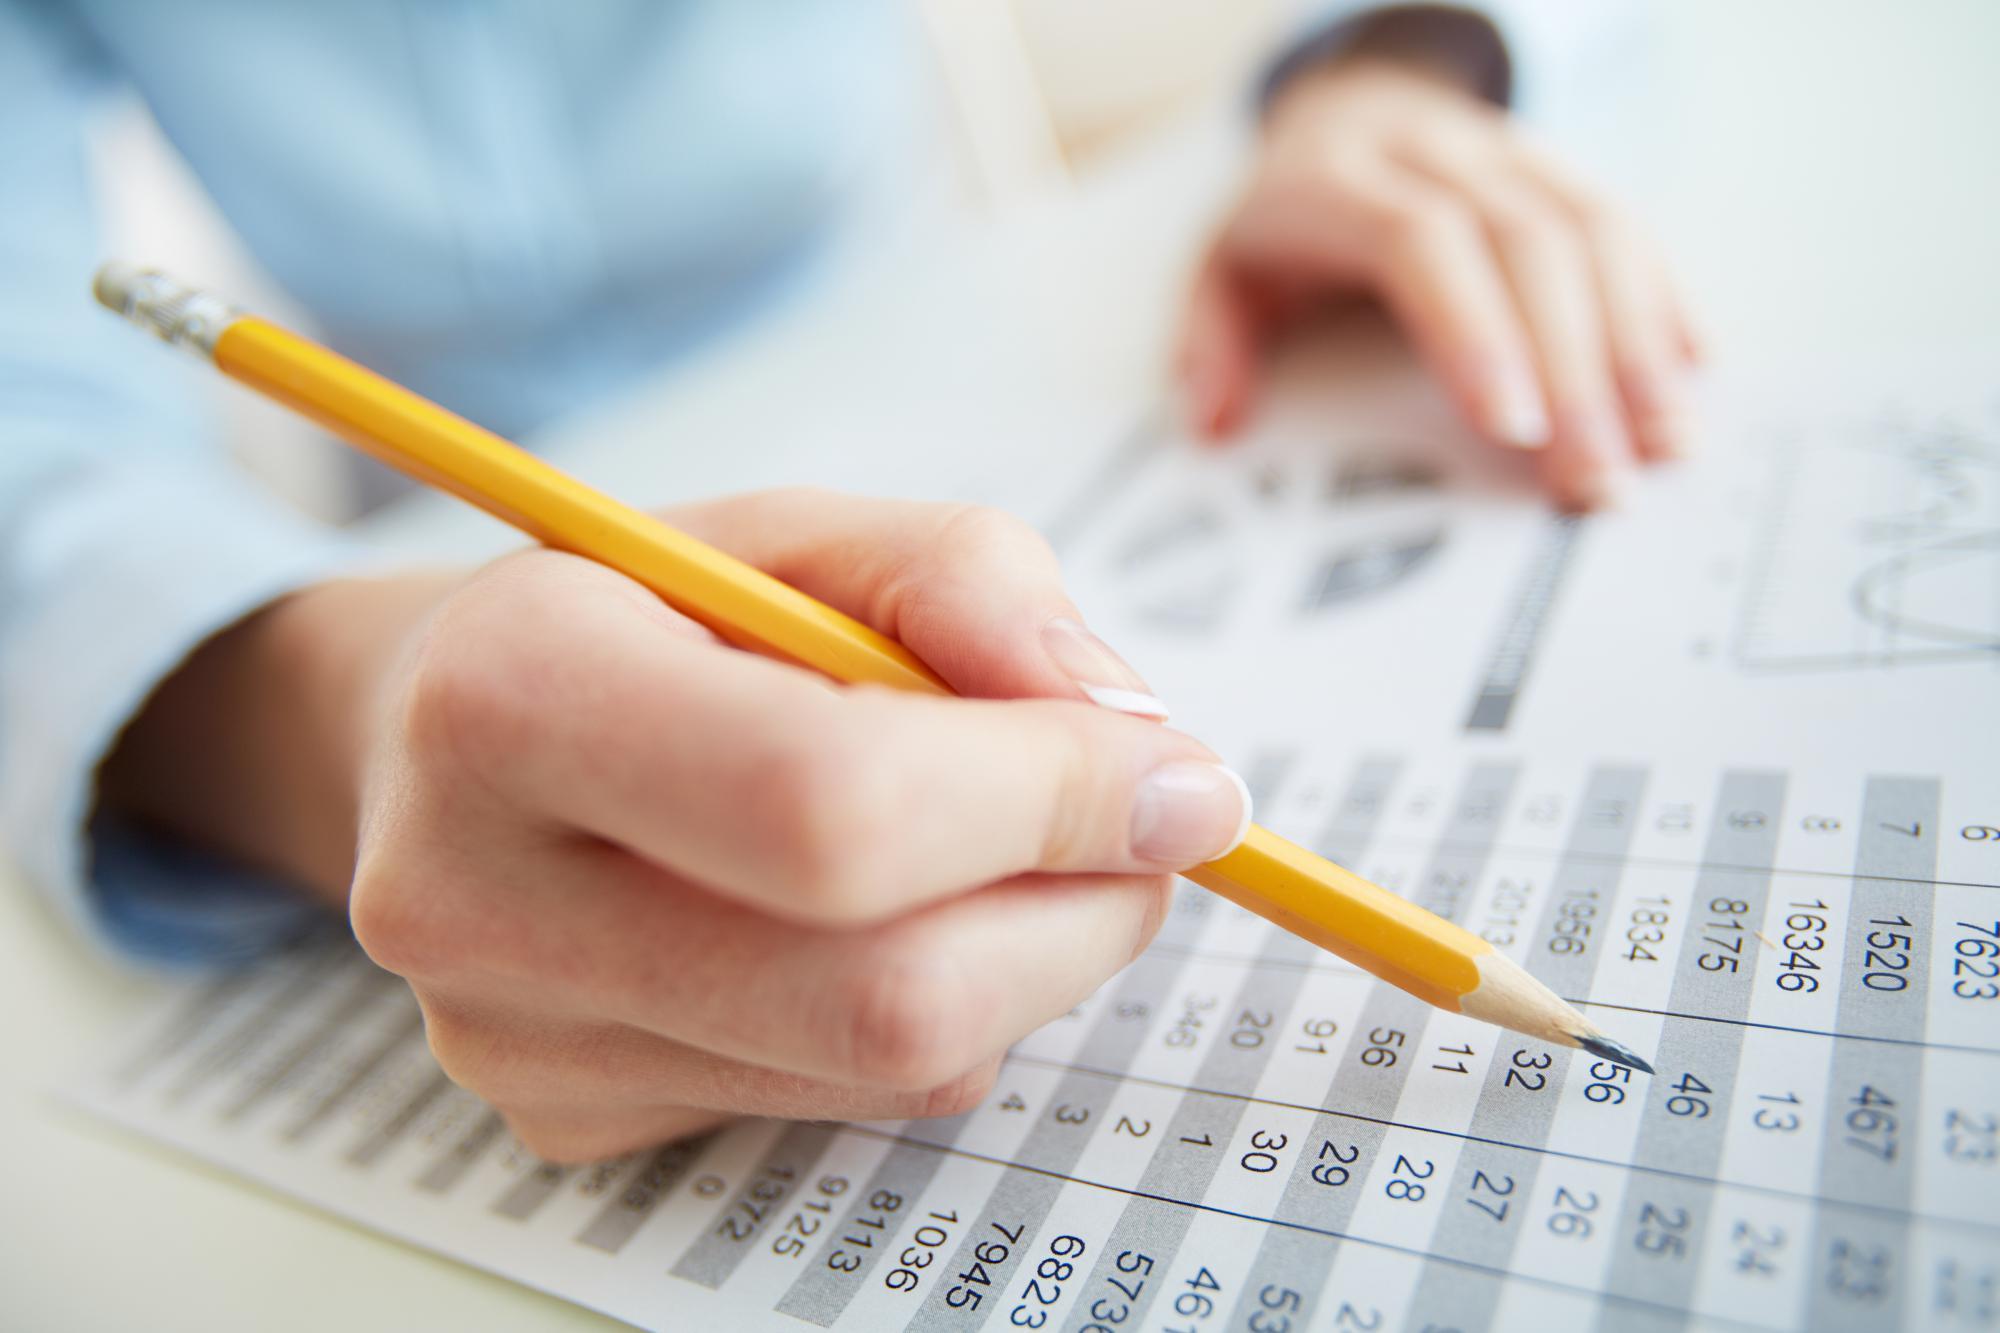 Минфин одобрил упрощенные формы бухгалтерской отчетности